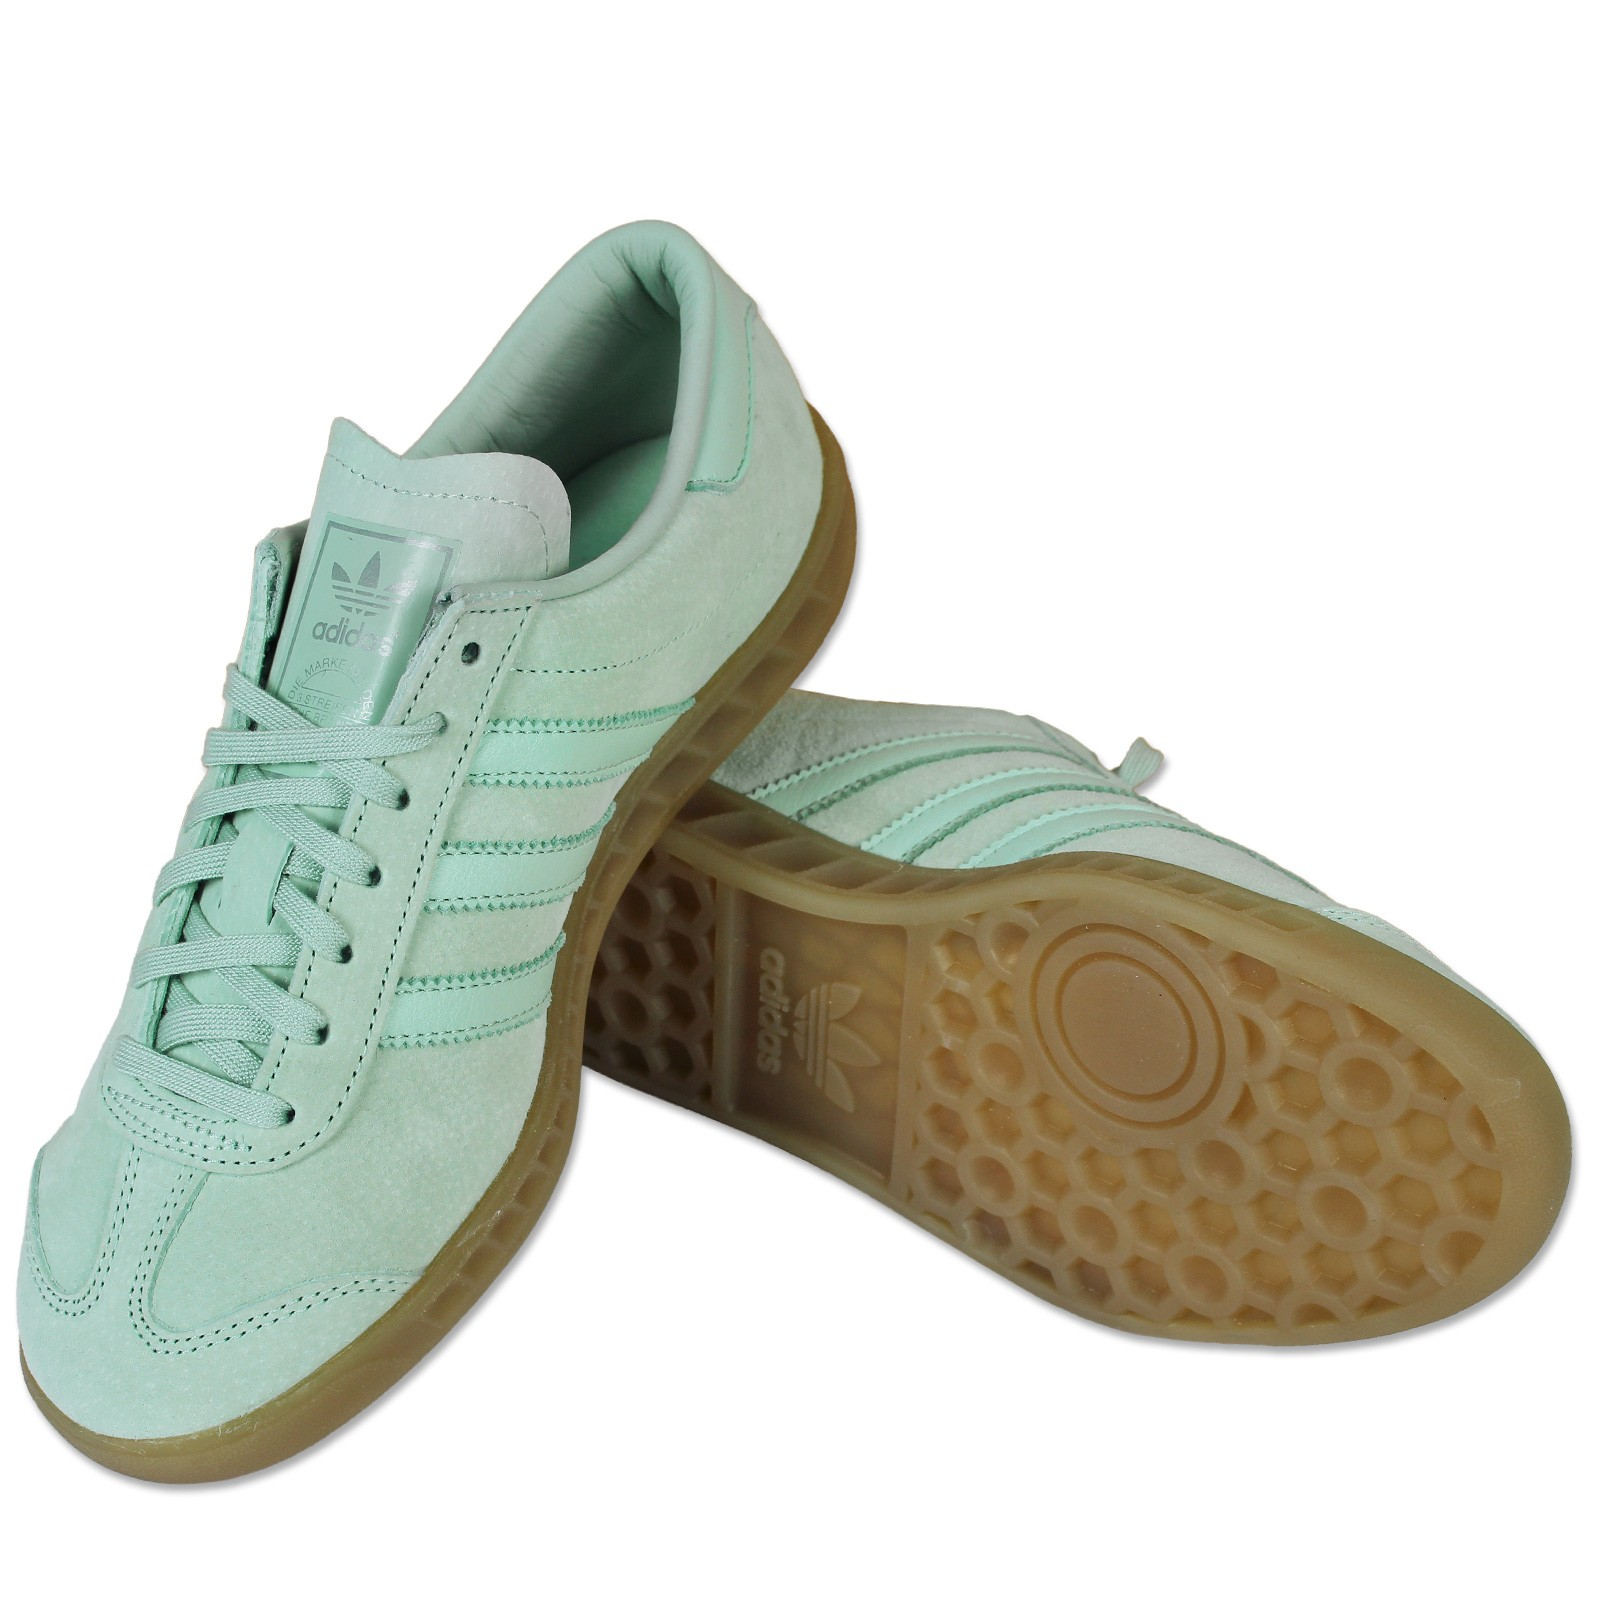 Adidas Leder Rosa Hamburg Sneaker Mint Details Hellblau